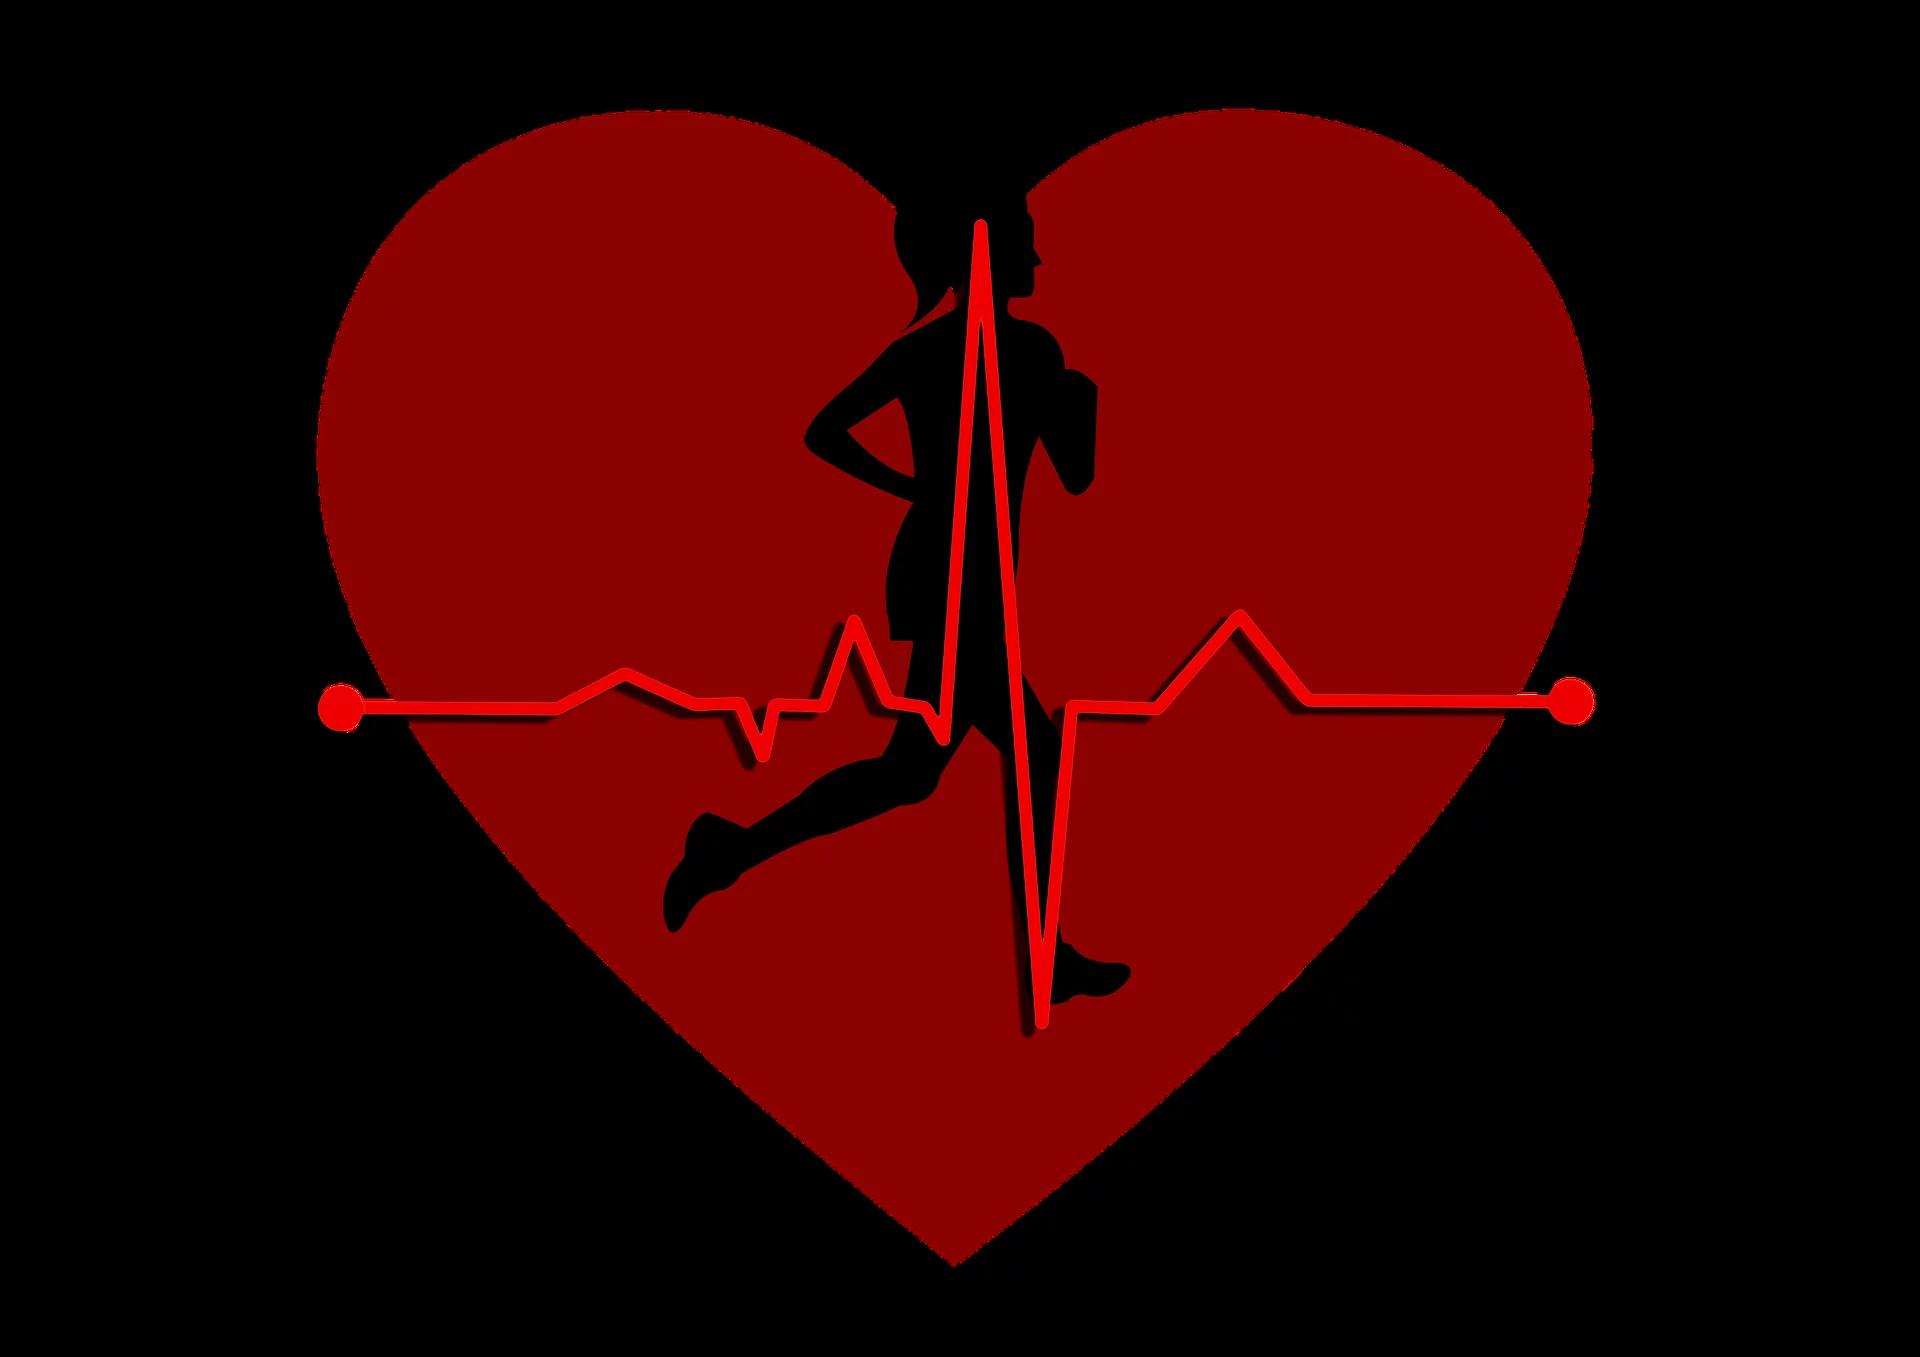 Heartbeat clipart irregular heartbeat.  leg foot problems